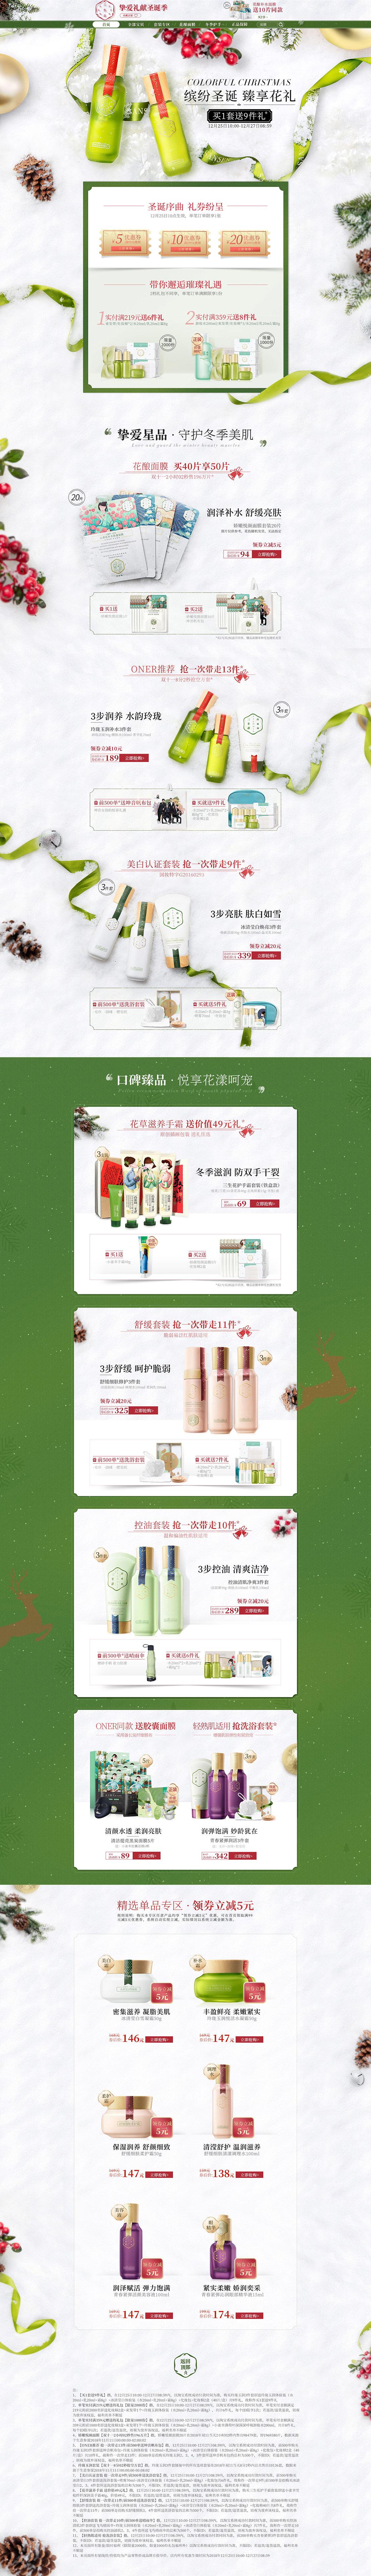 三生花美妆彩妆化妆品圣诞节